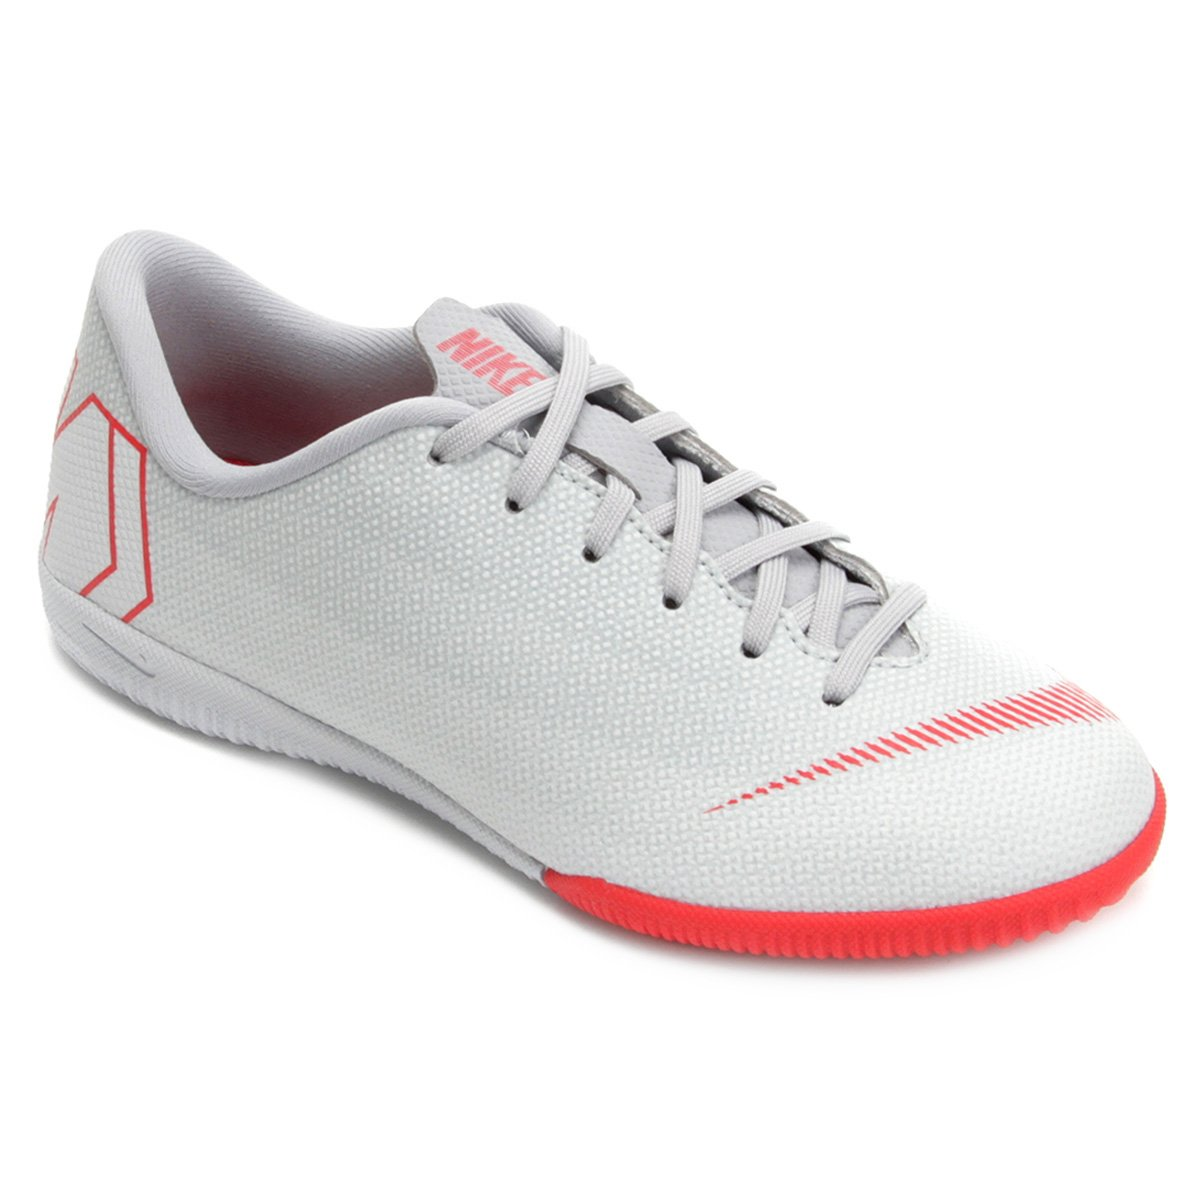 0e1a4a5c4d Chuteira Futsal Infantil Nike Mercurial Vapor 12 Academy GS IC ...